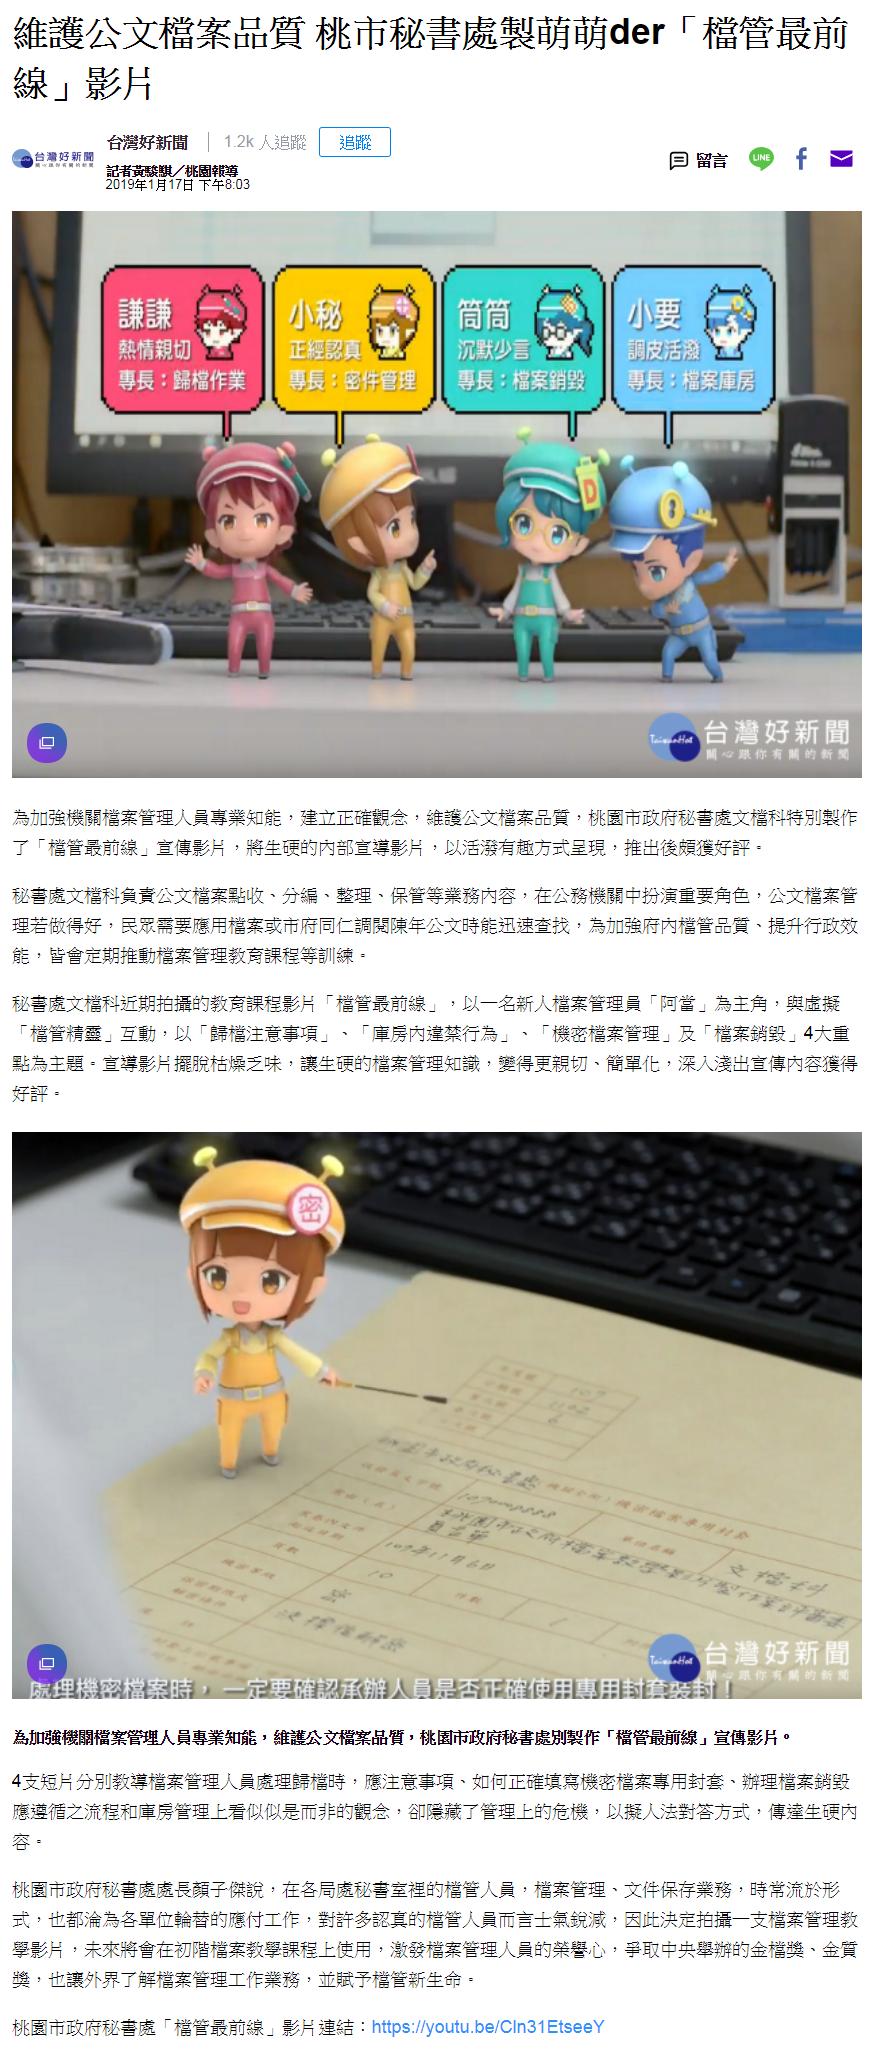 維護公文檔案品質 桃市秘書處製萌萌der「檔管最前線」影片